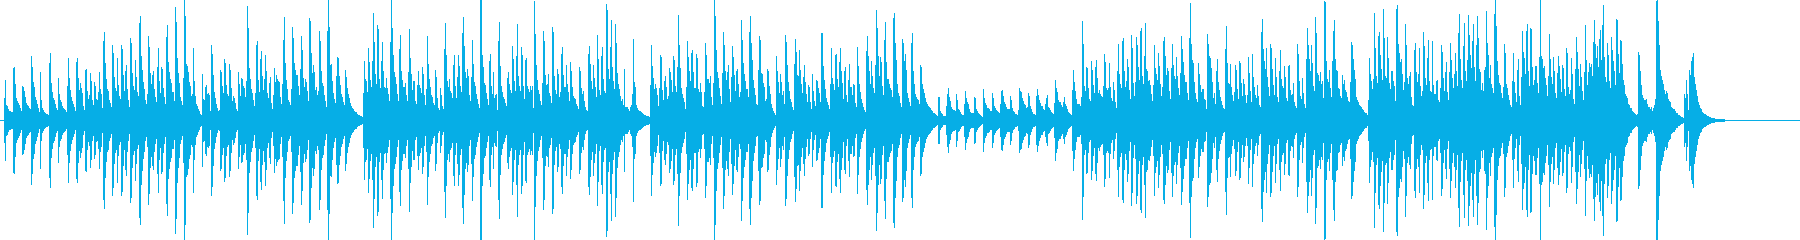 コミカルで可愛らしい雰囲気の木琴の再生済みの波形